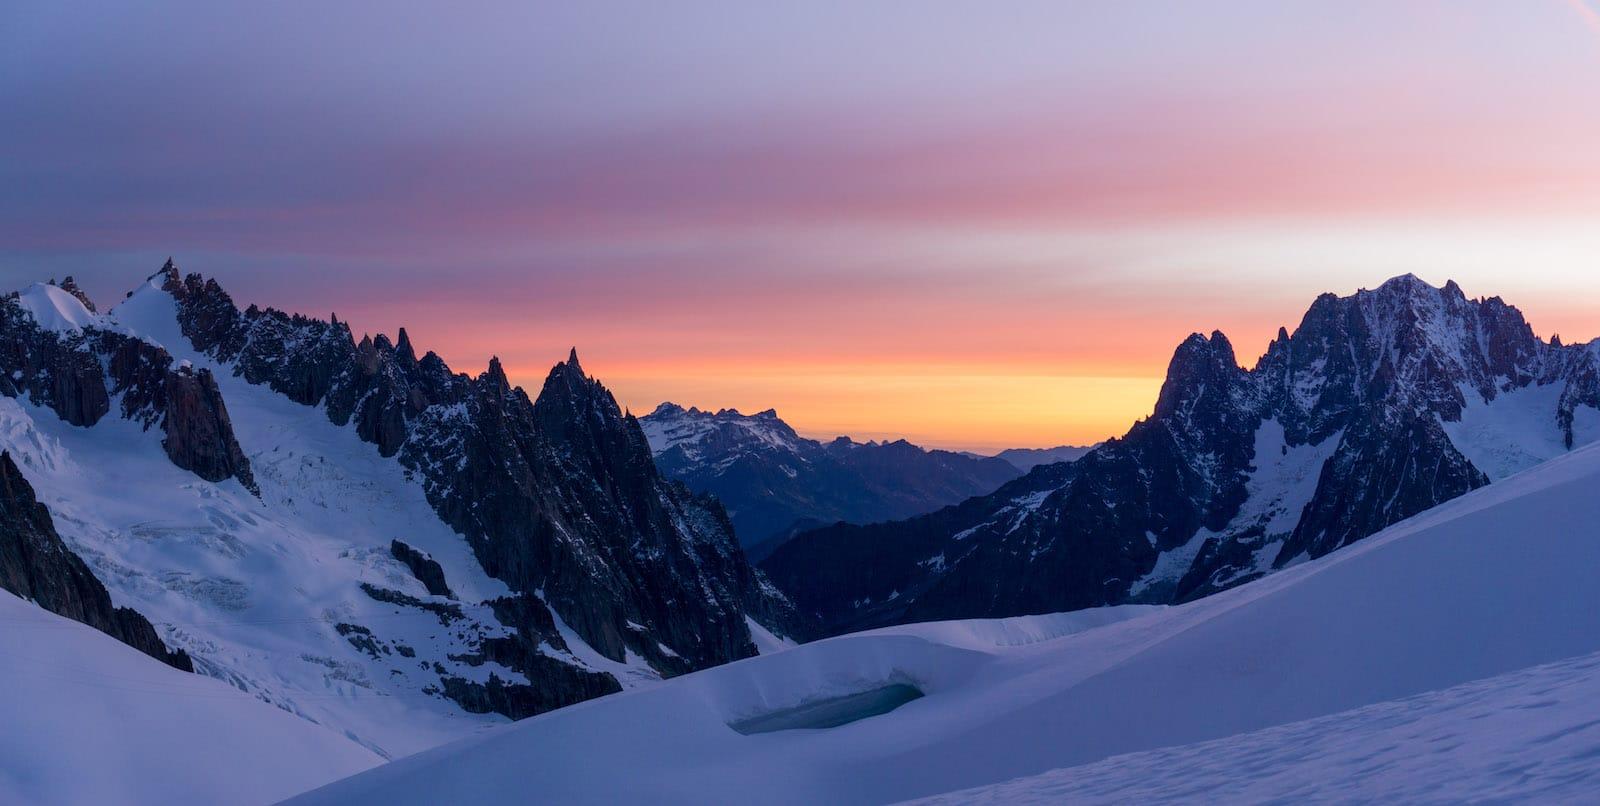 Camp des Géants<br><span id='secondary-title' style='font-size:28px;line-height:34px;color:#fff!important;font-weight:300;display:block;padding-top:34px;'>Une formation complète à l'alpinisme, immergée au coeur des joyaux du massif du Mont-Blanc</span>